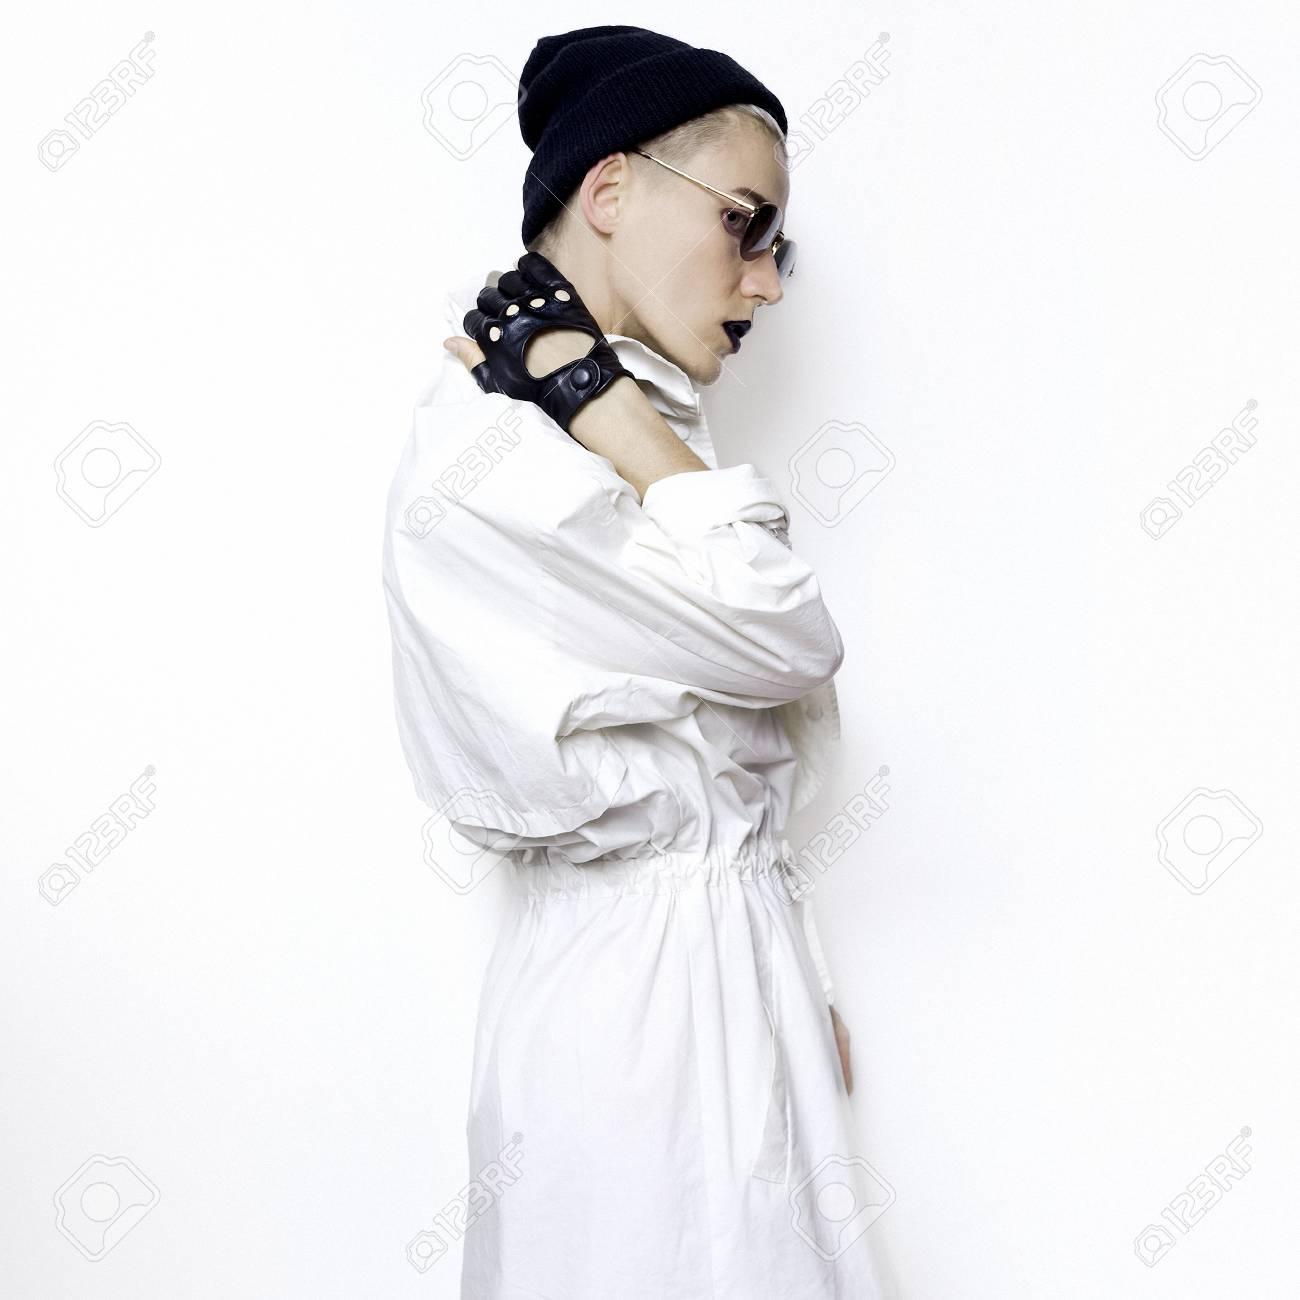 Modèle Hipster Tendance Automne Hiver Swaggirl Style Minimal Bonnet Et Lunettes De Soleil Stylées Vintage Glamour Gants En Cuir à La Mode Noir Et